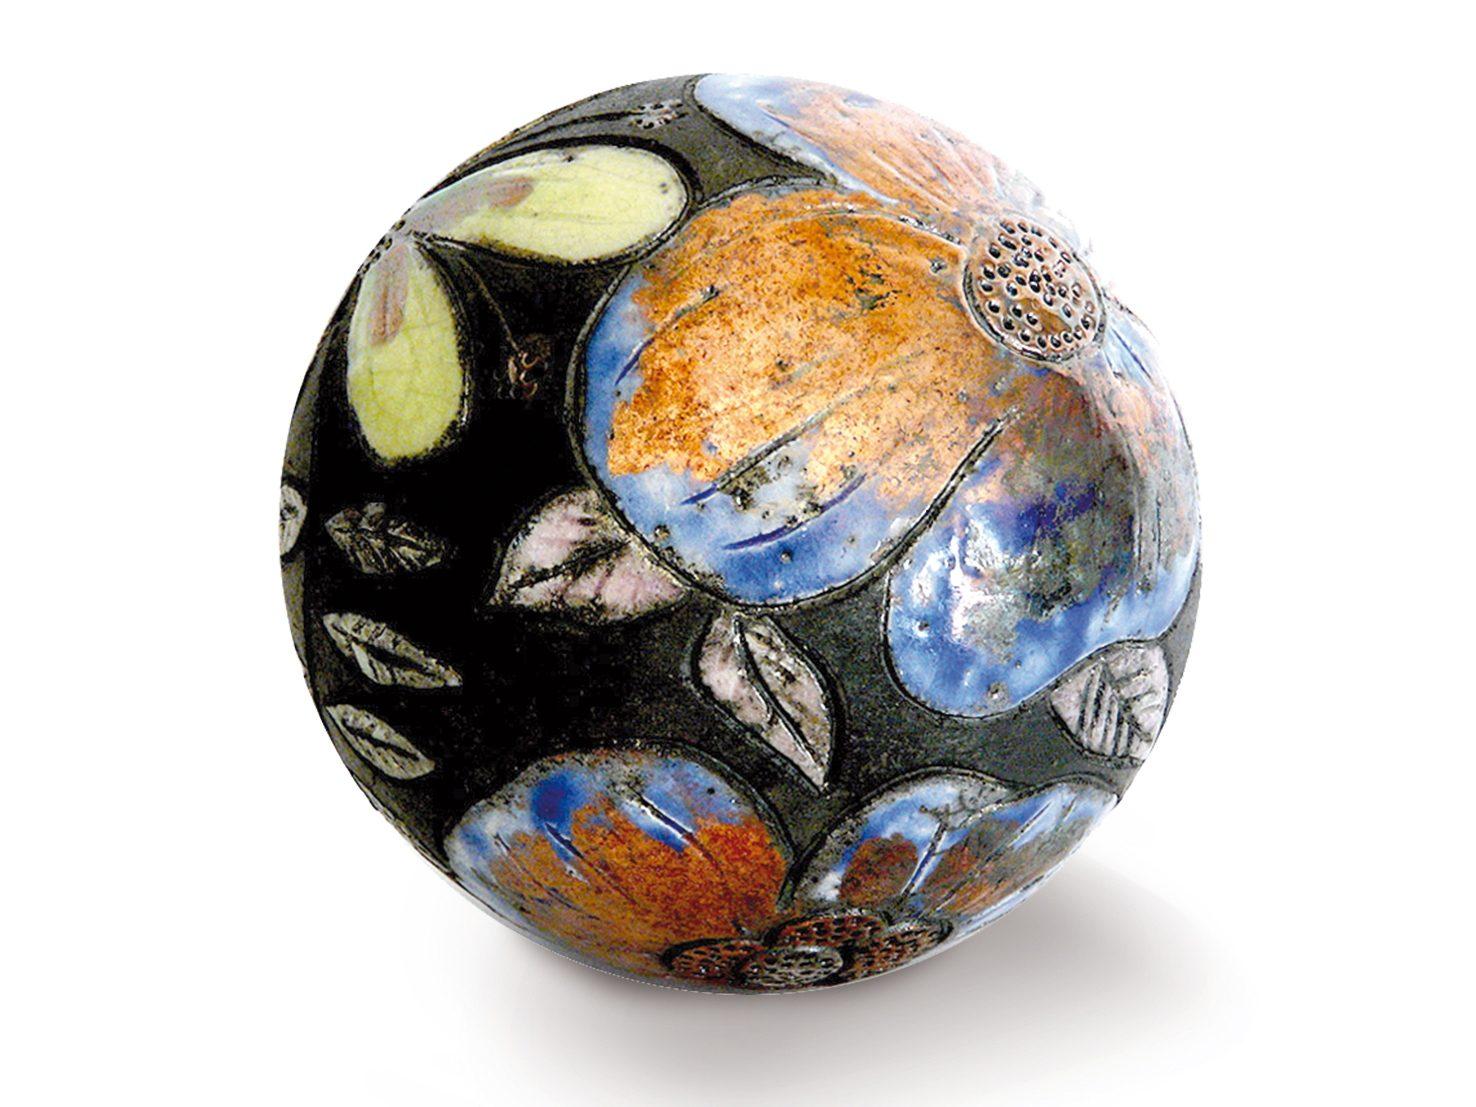 Moon d'hiver - ø : 14 CM - Grès -Raku - Gravure et relief - Nitrate d'argent - Oxydes - Sculptures céramique de Florence Lemiegre